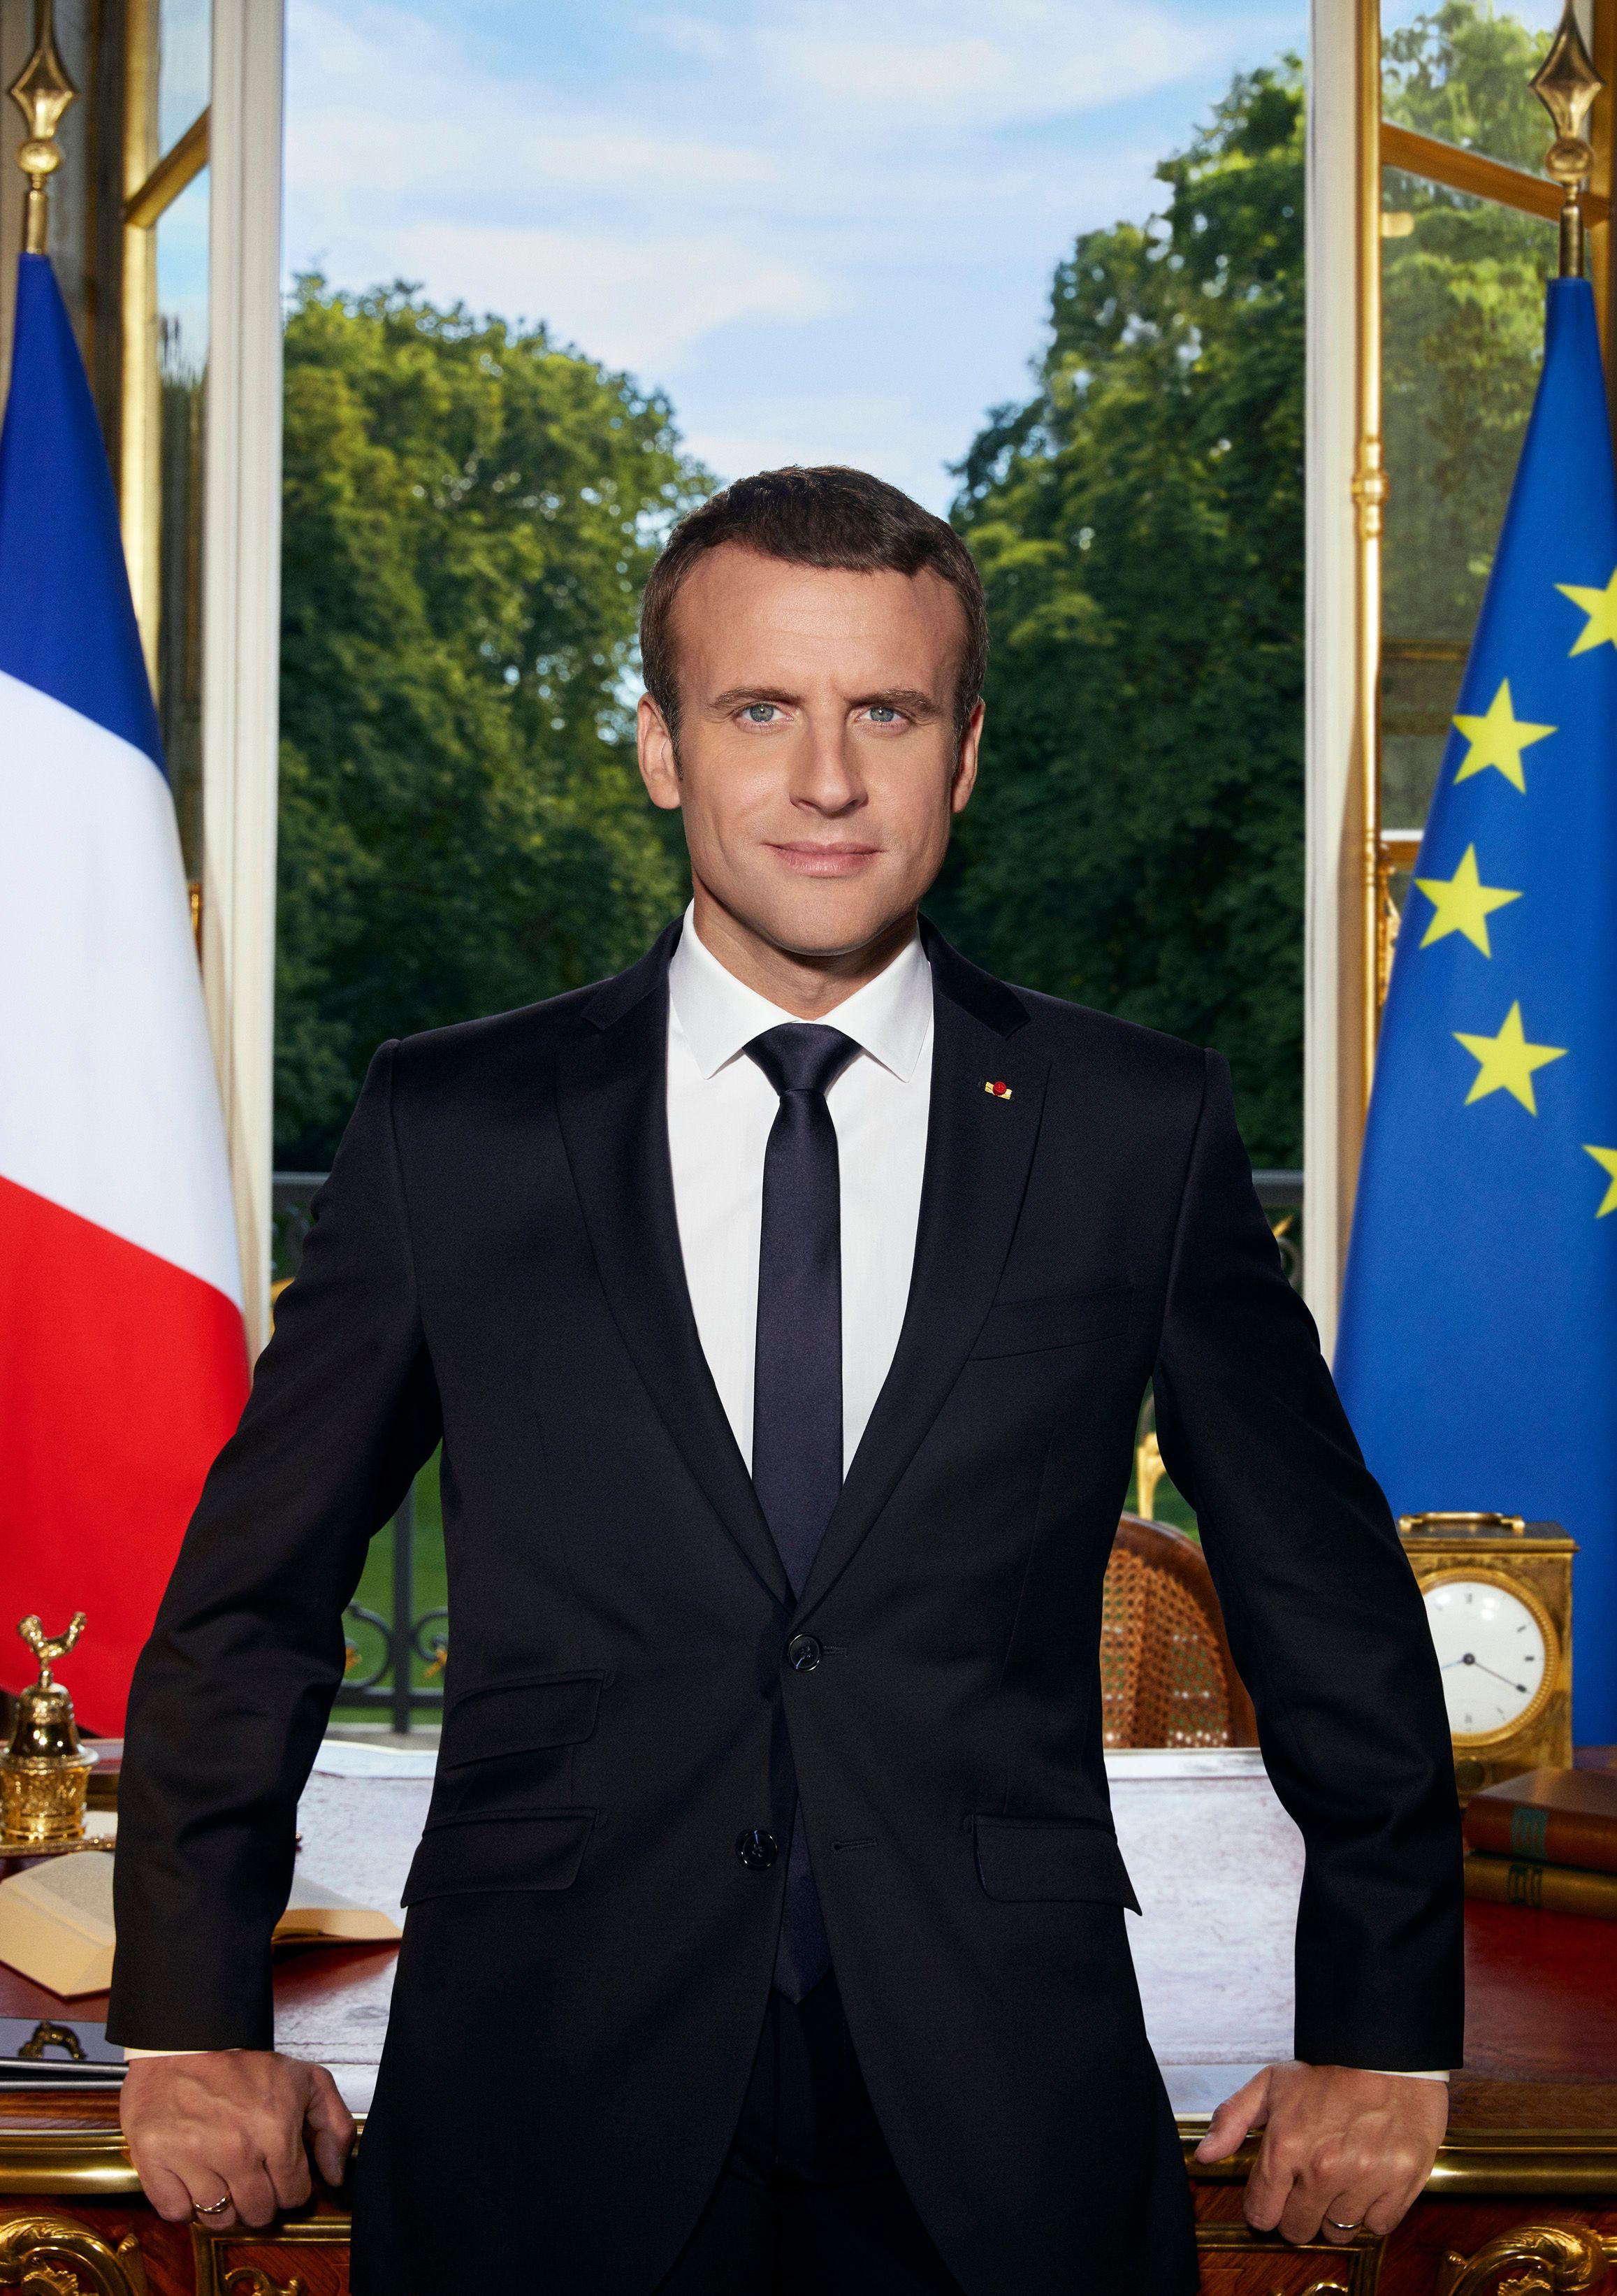 Collectivités locales, Travail, budget, dettes. Mais pourquoi Macron veut-il aller si vite ?